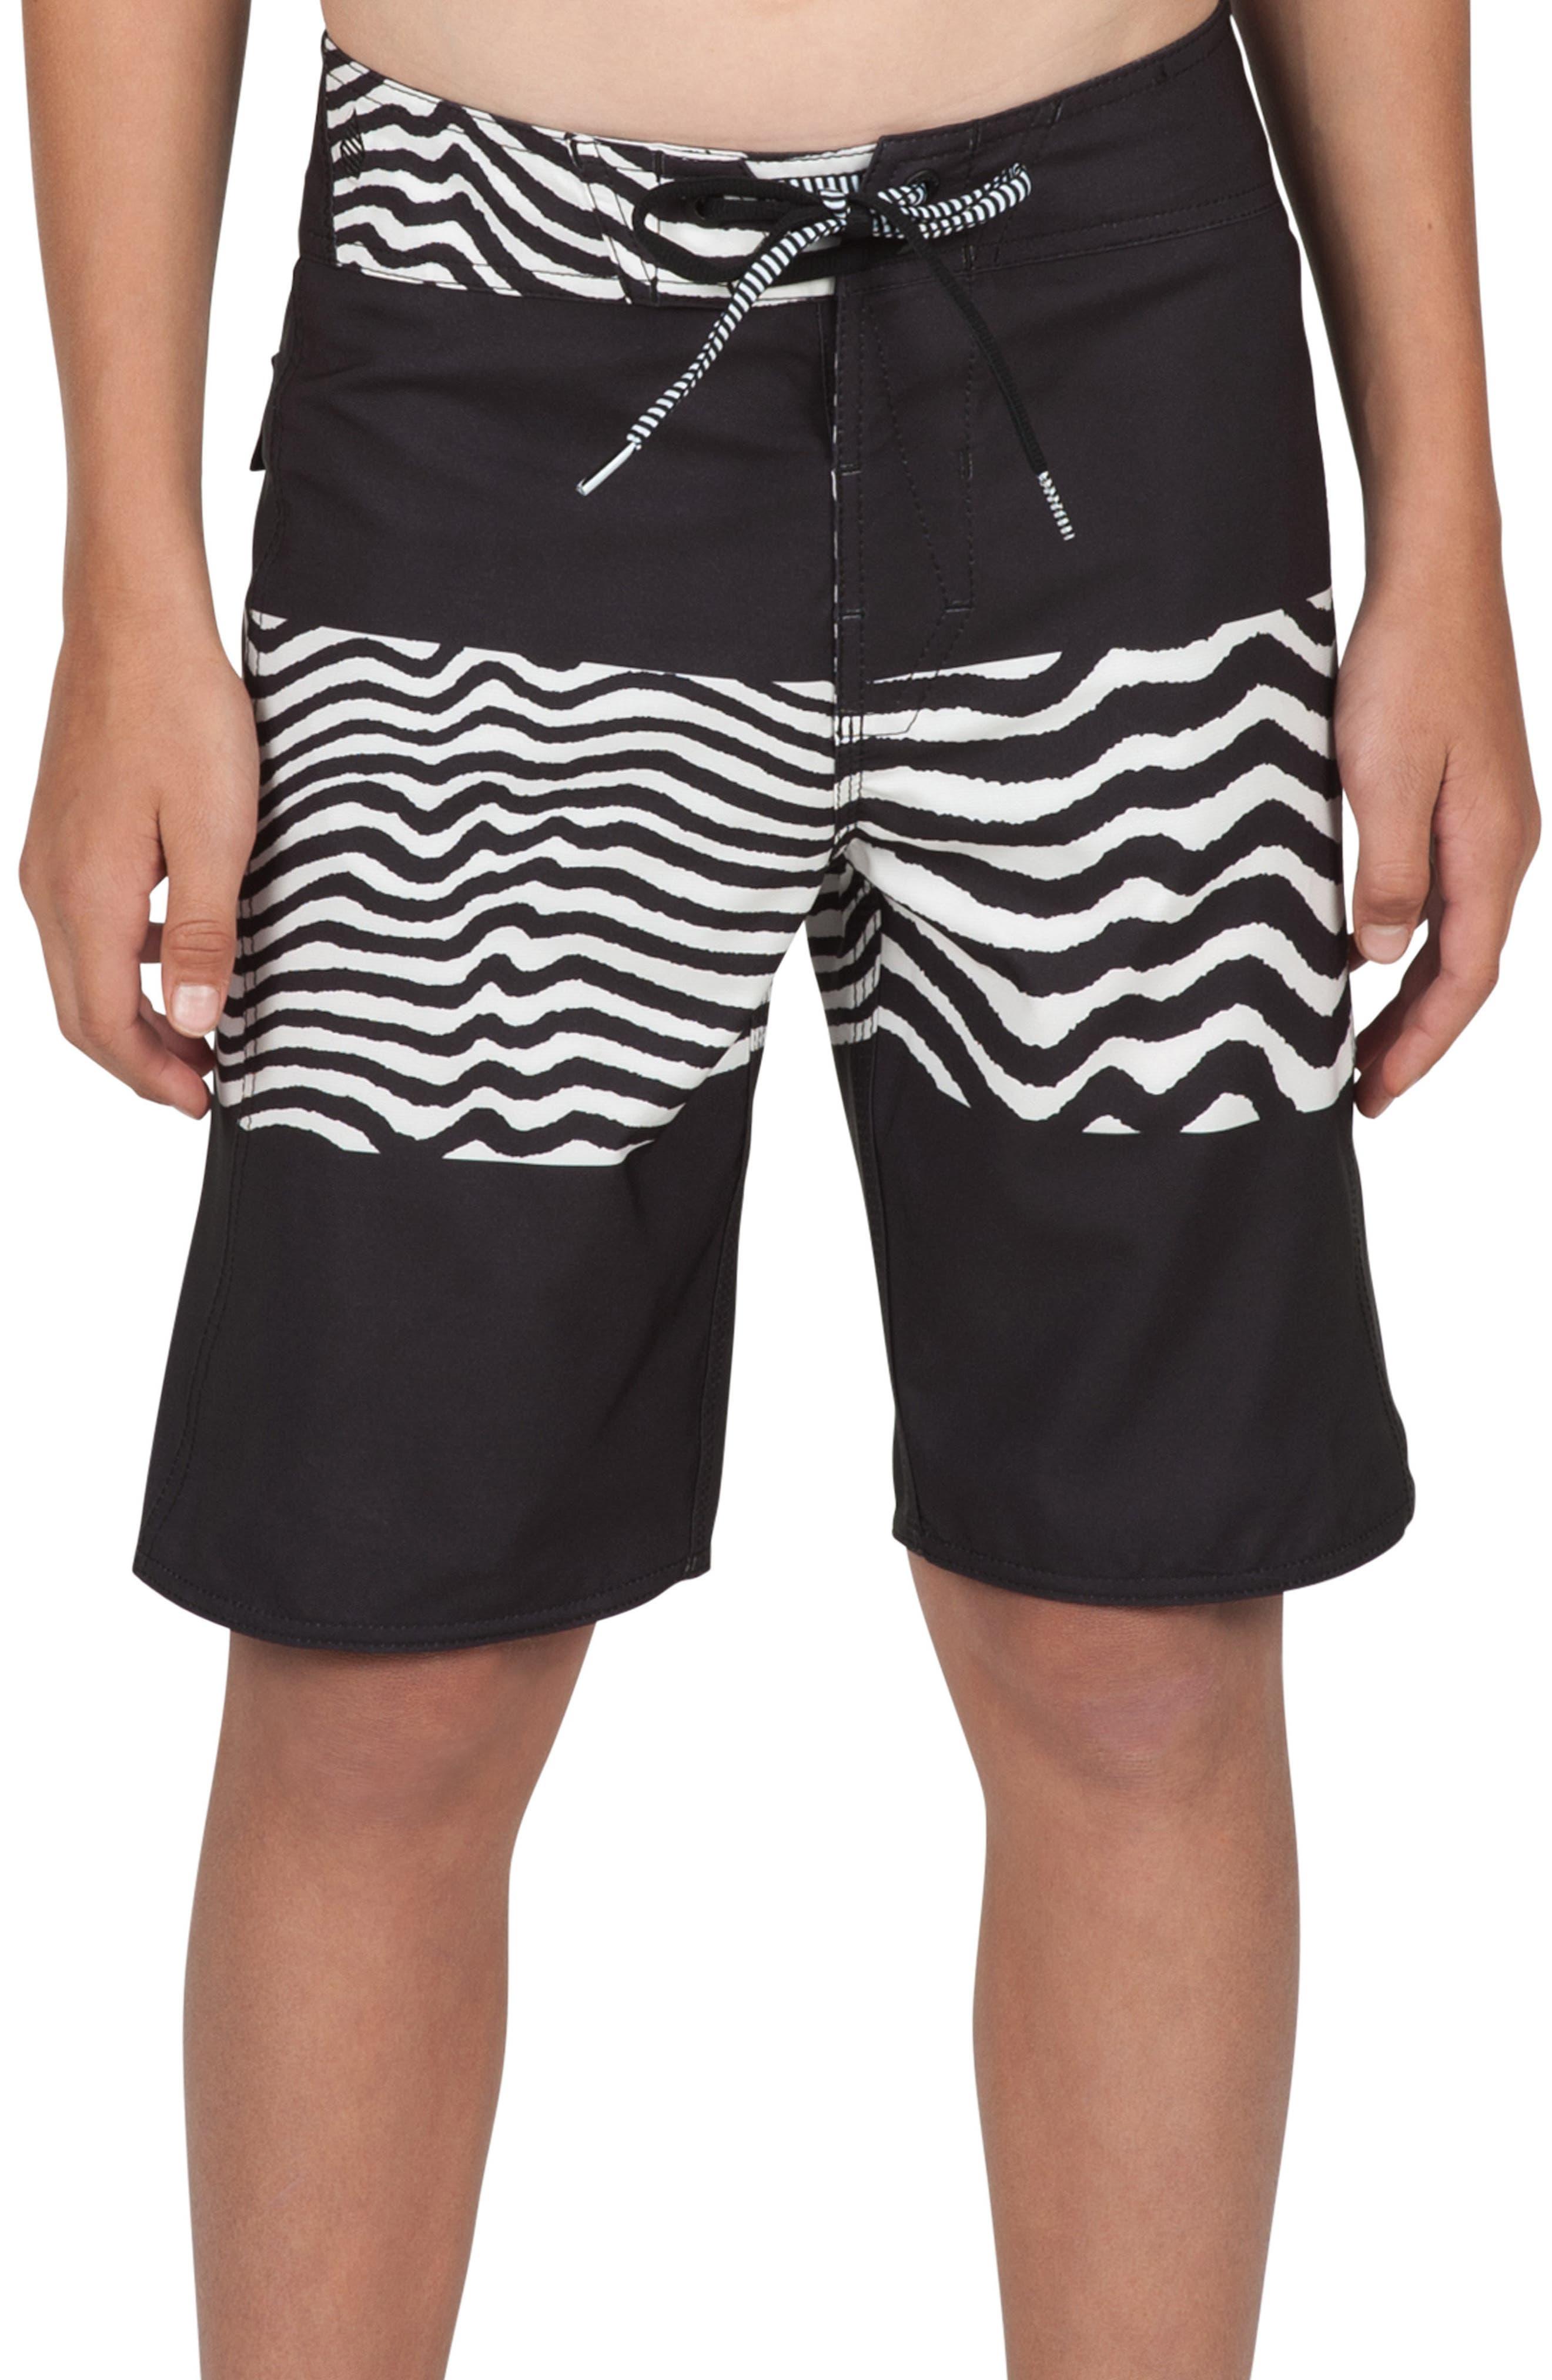 Macaw Mod Board Shorts,                             Main thumbnail 1, color,                             001